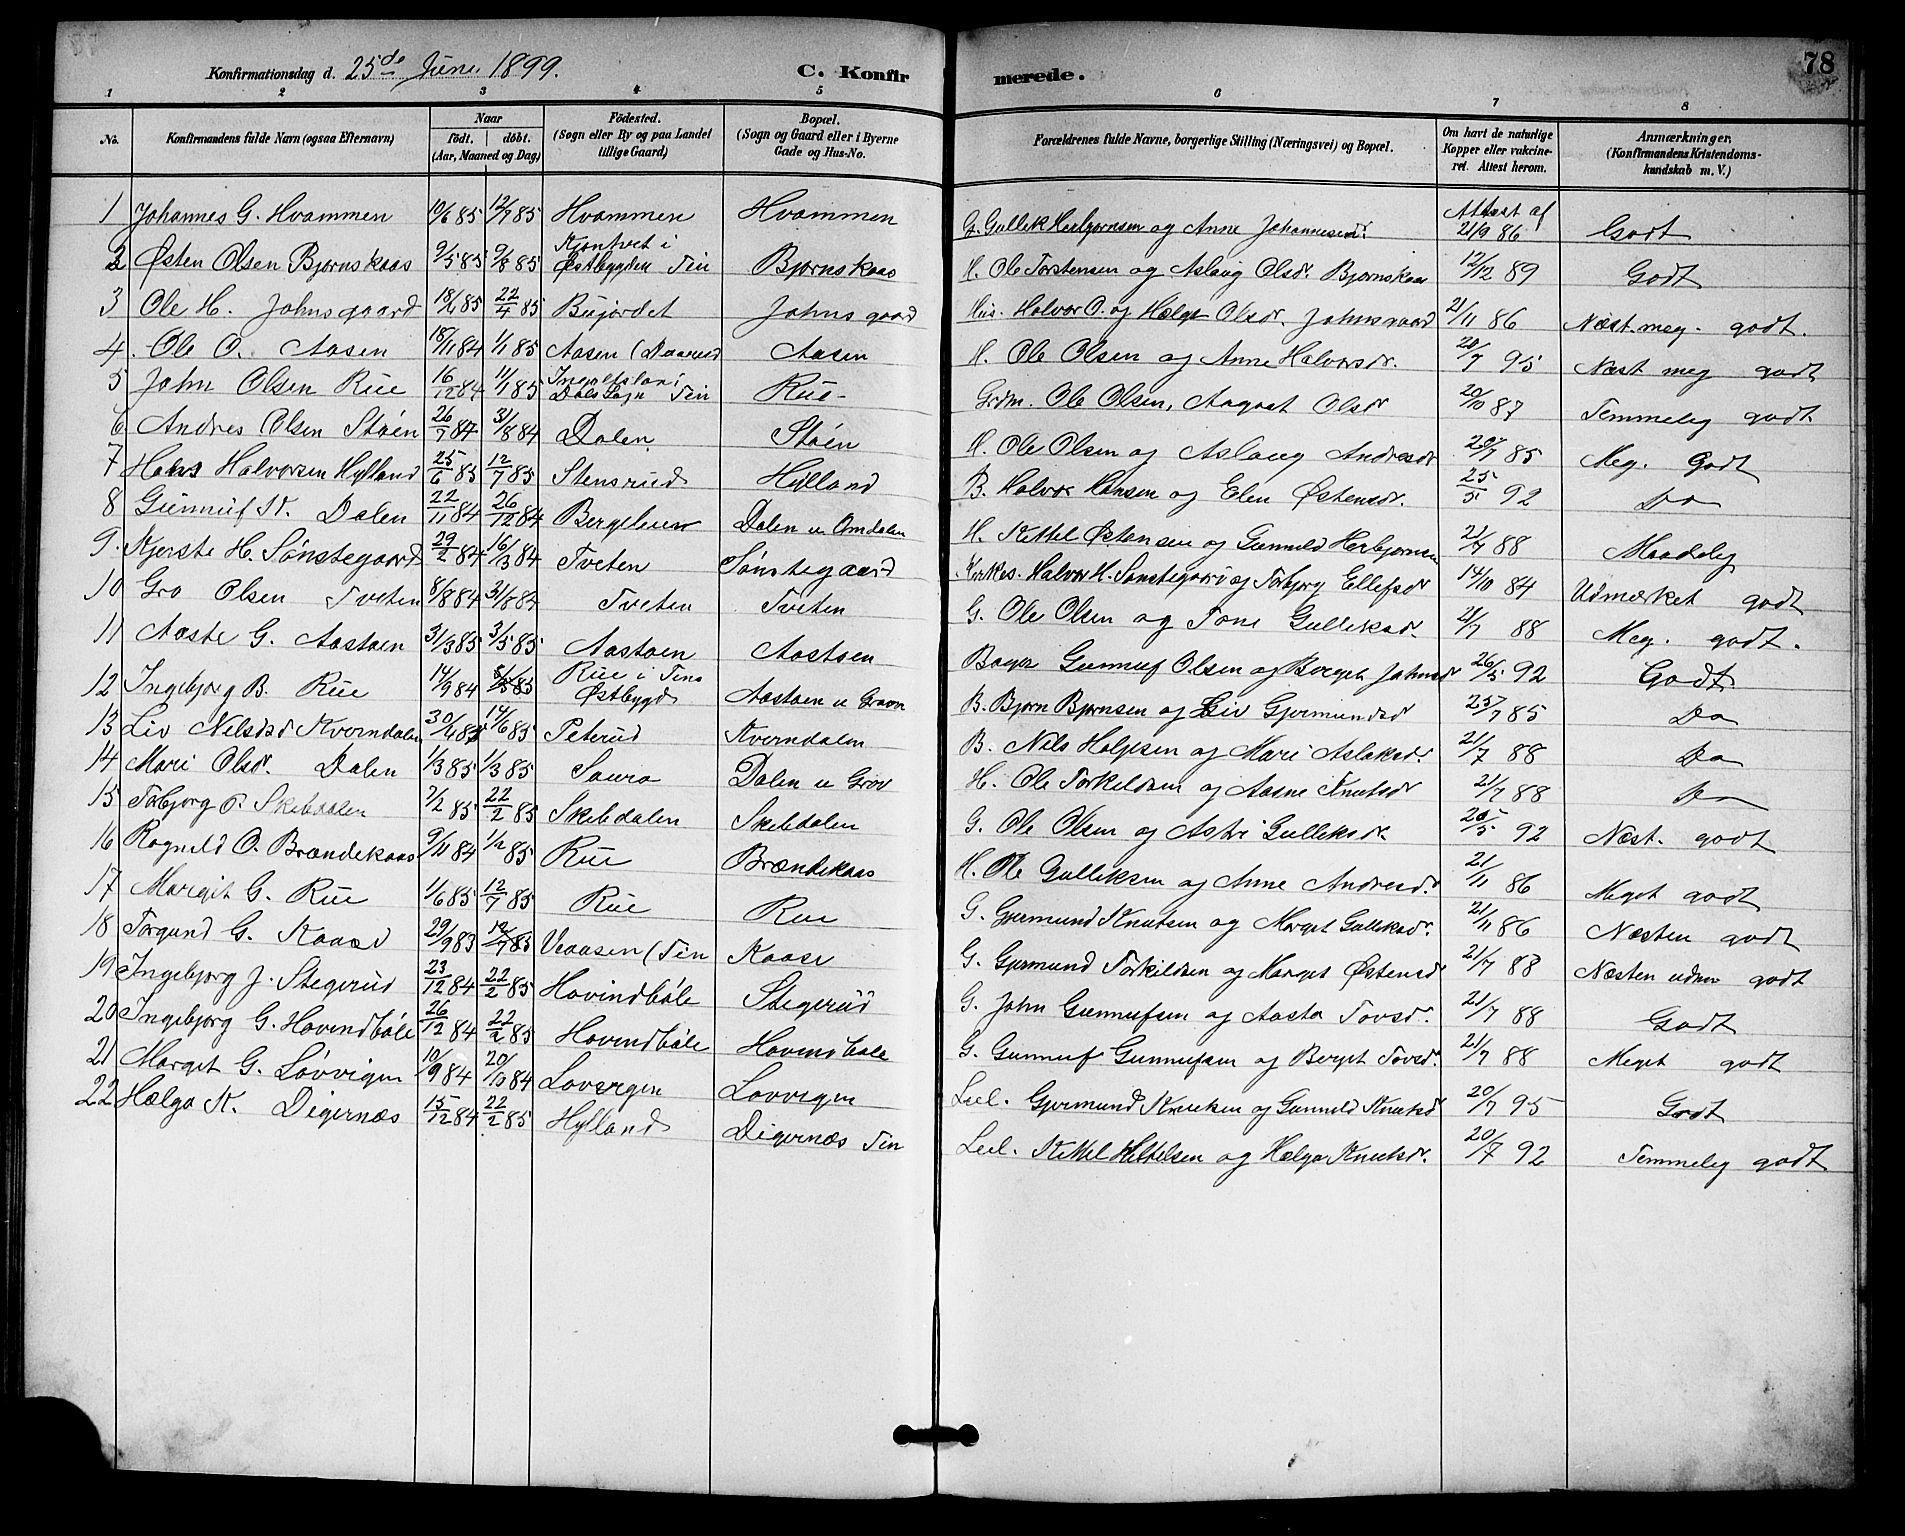 SAKO, Gransherad kirkebøker, G/Gb/L0003: Klokkerbok nr. II 3, 1887-1921, s. 78